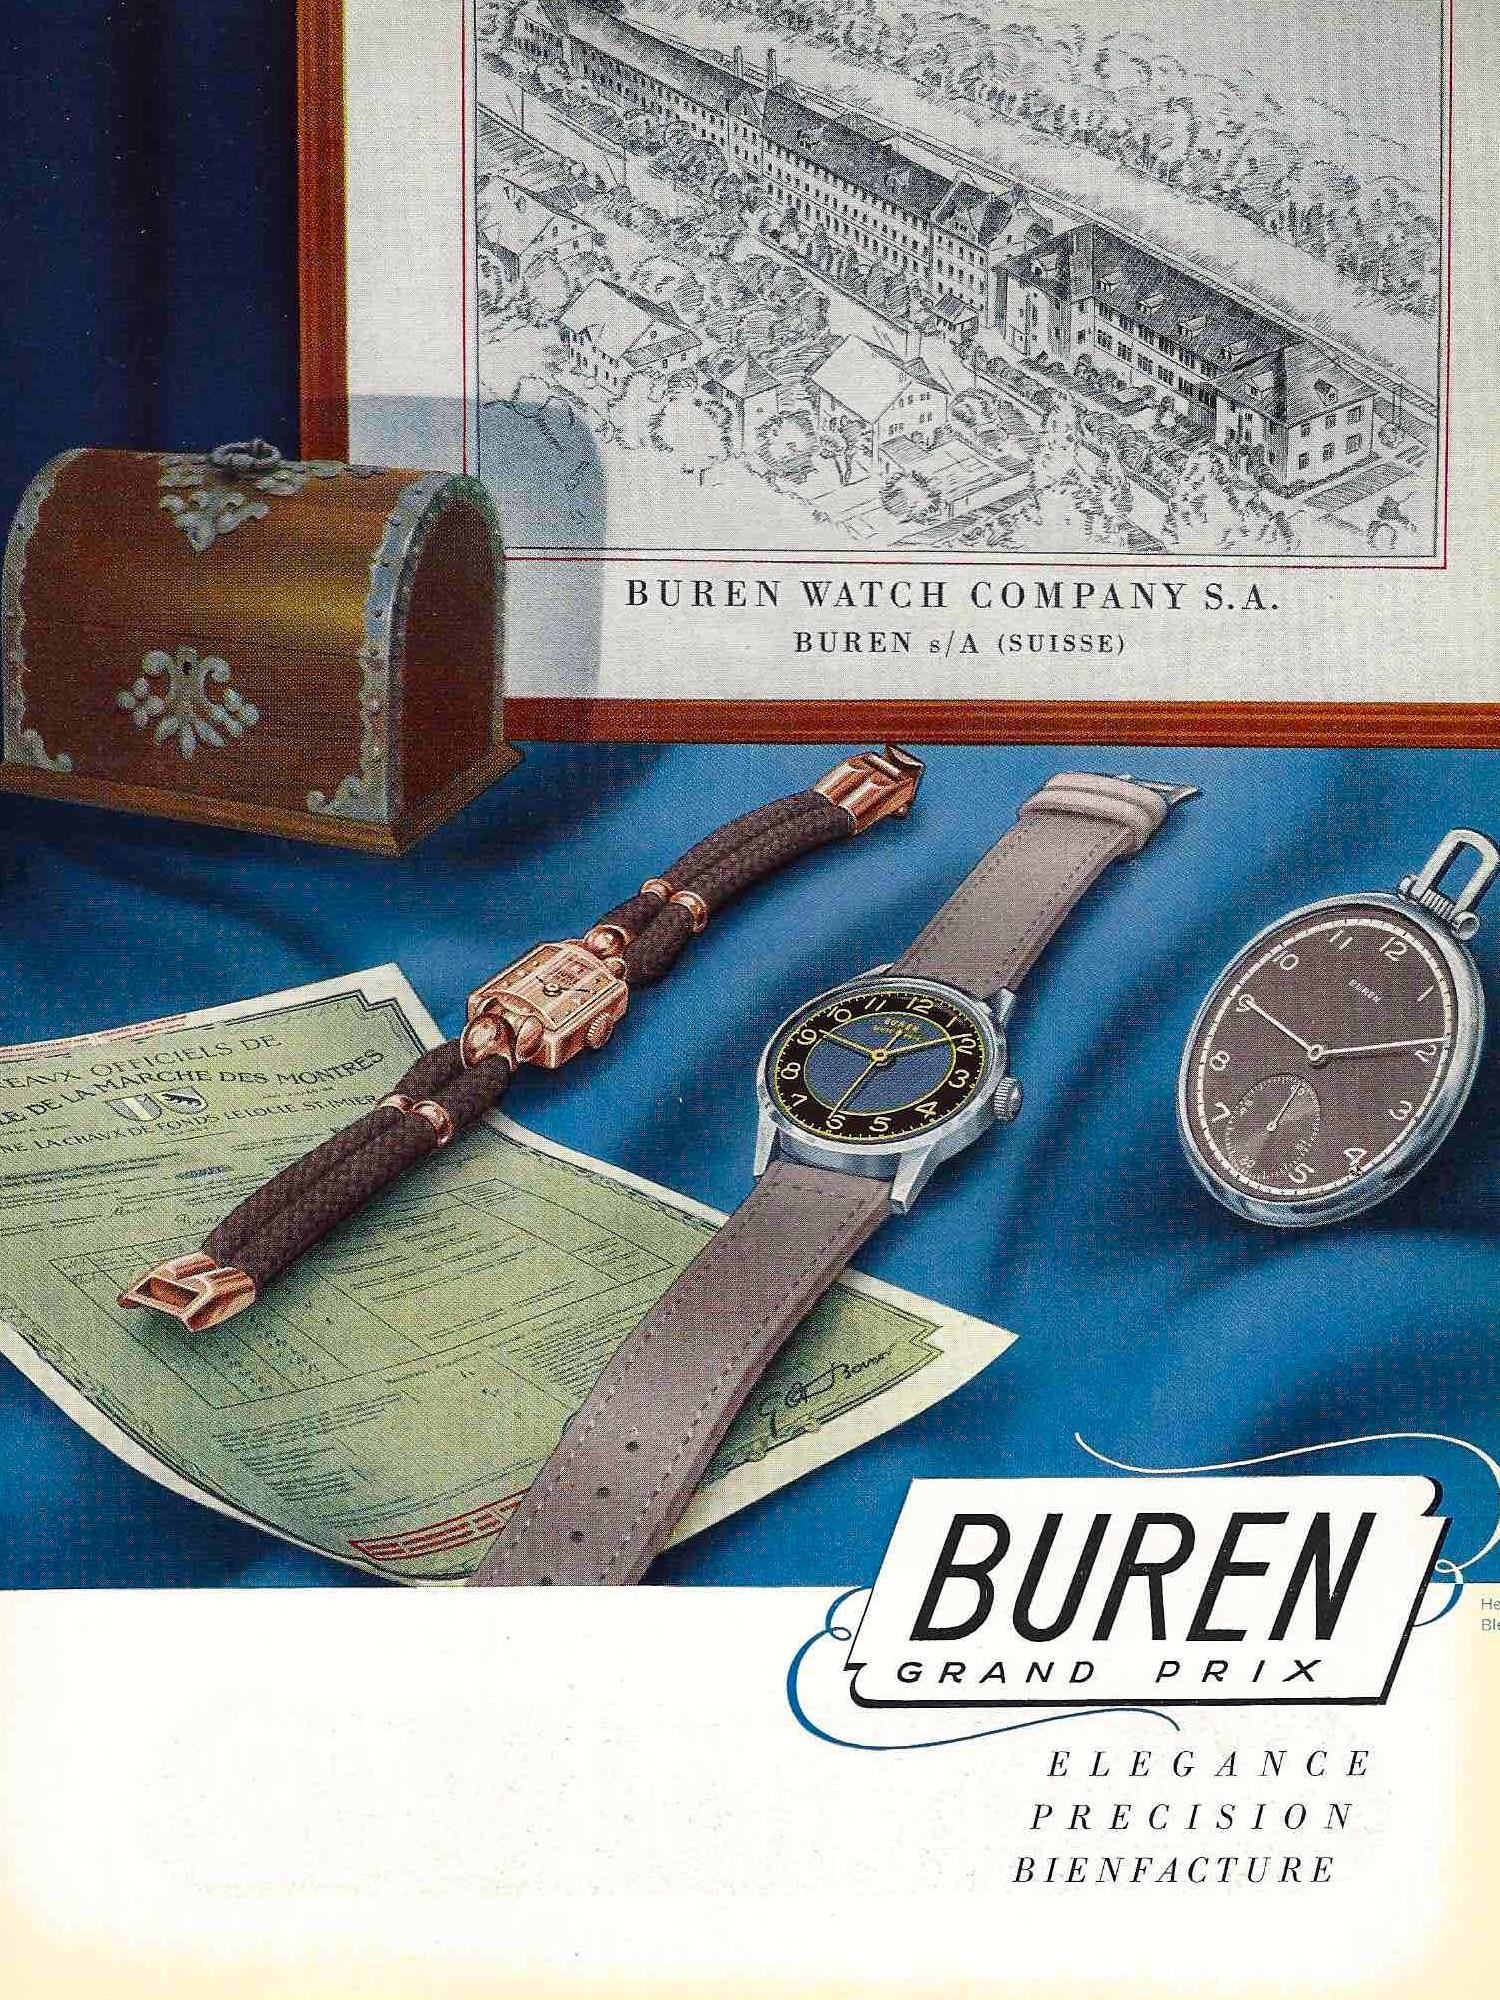 1942 Buren_watch_company_1942